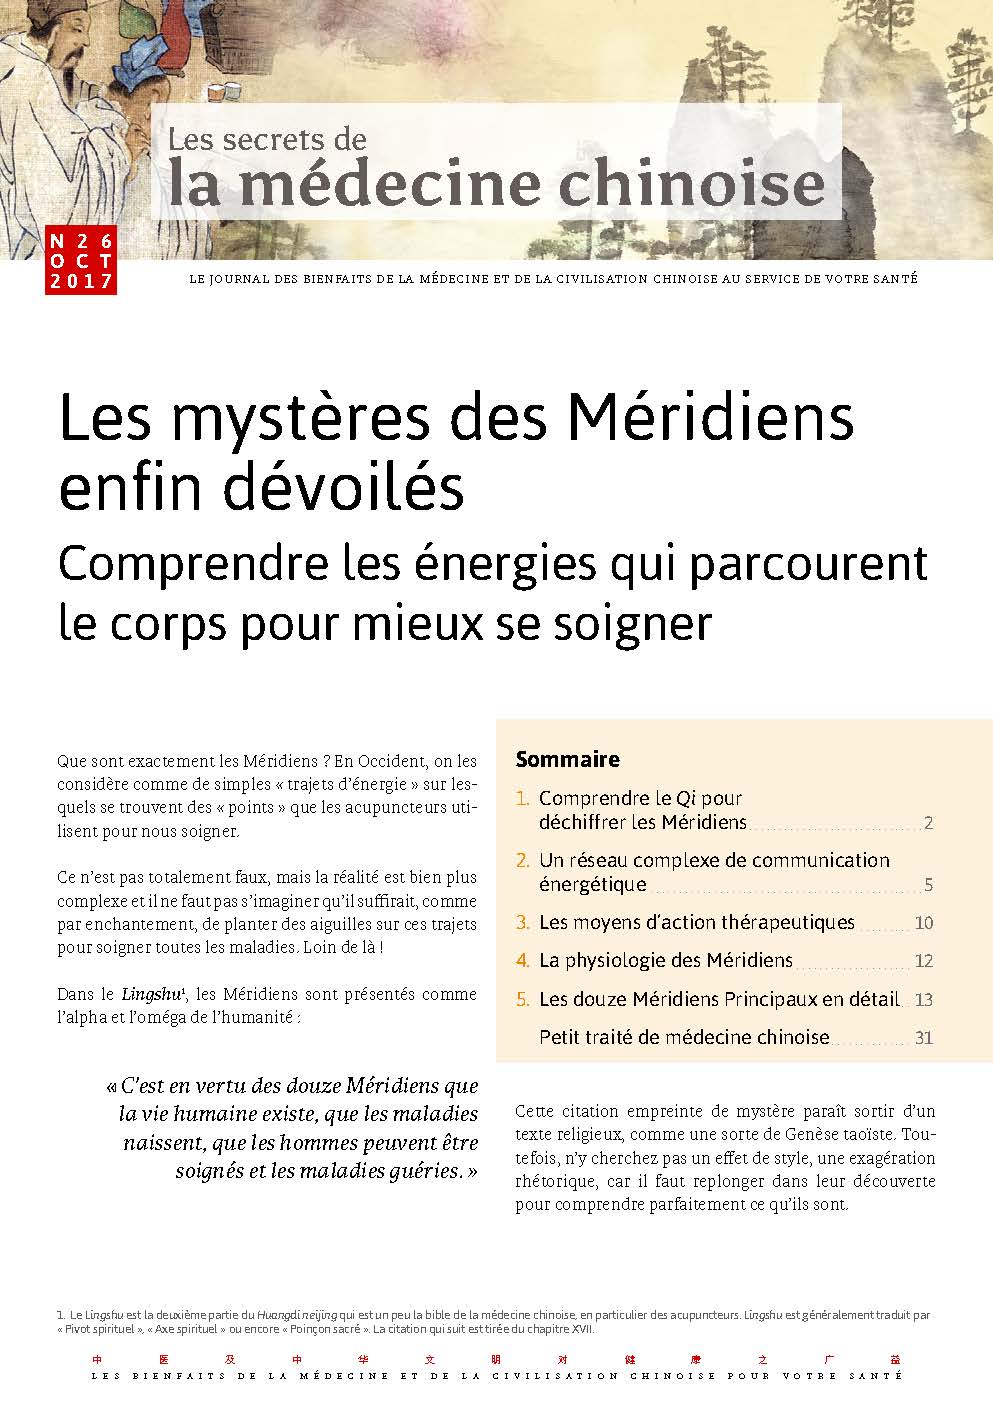 26-Octobre-2017-Les-mysteres-des-meridiens-enfin-devoiles-SD-Sd